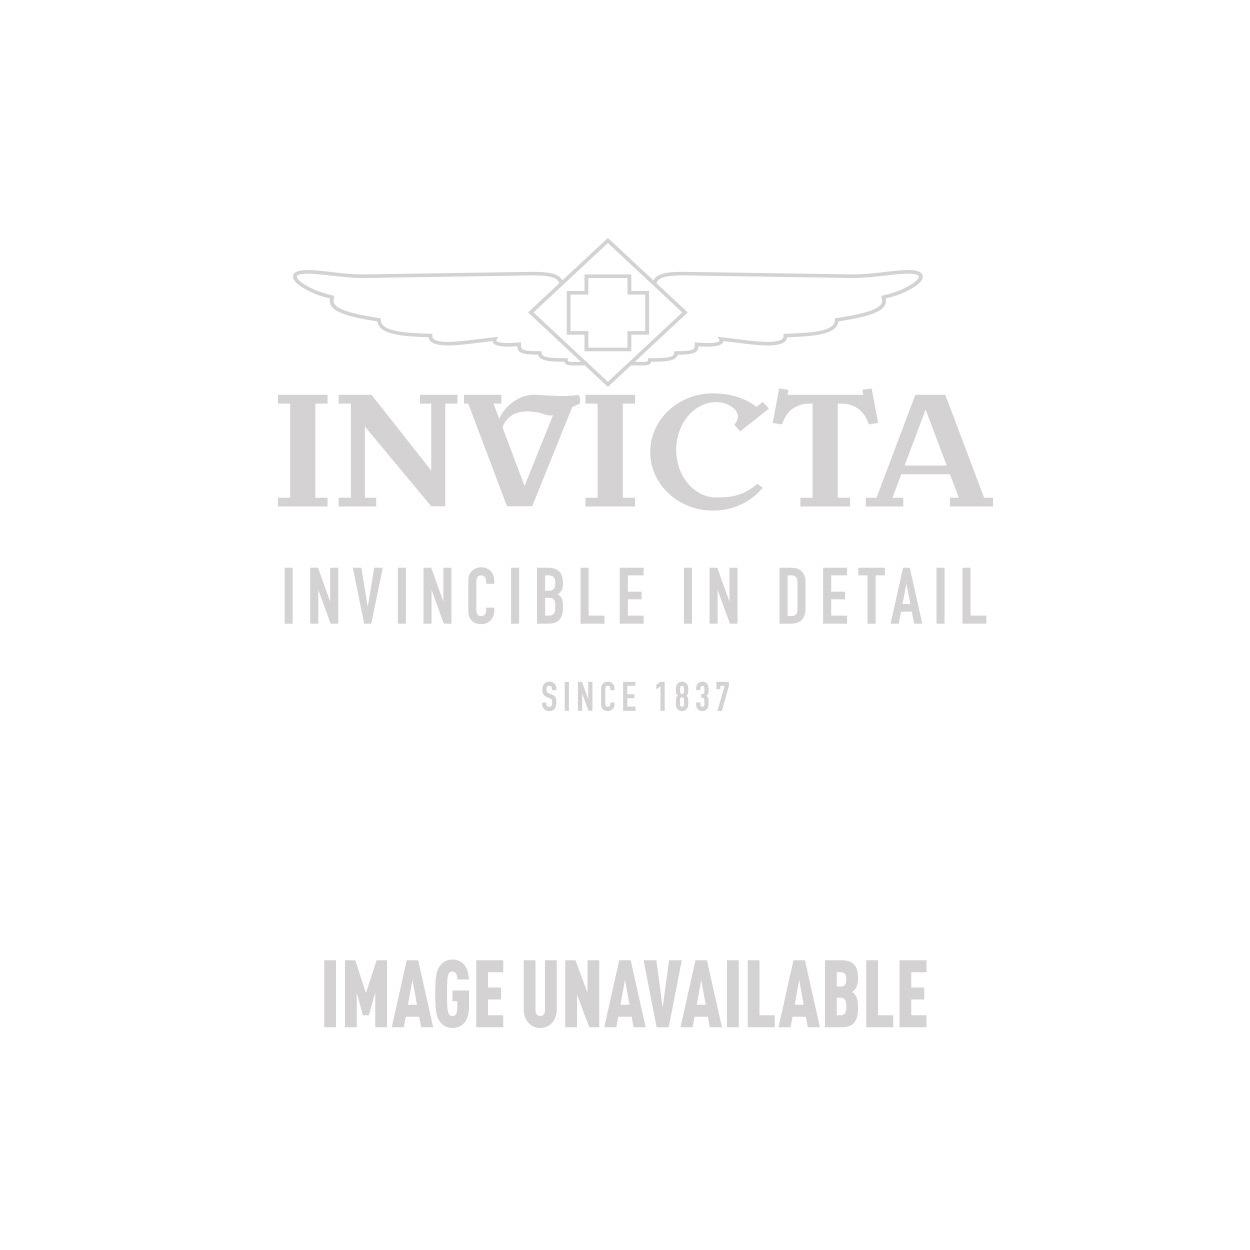 Invicta Model 21881